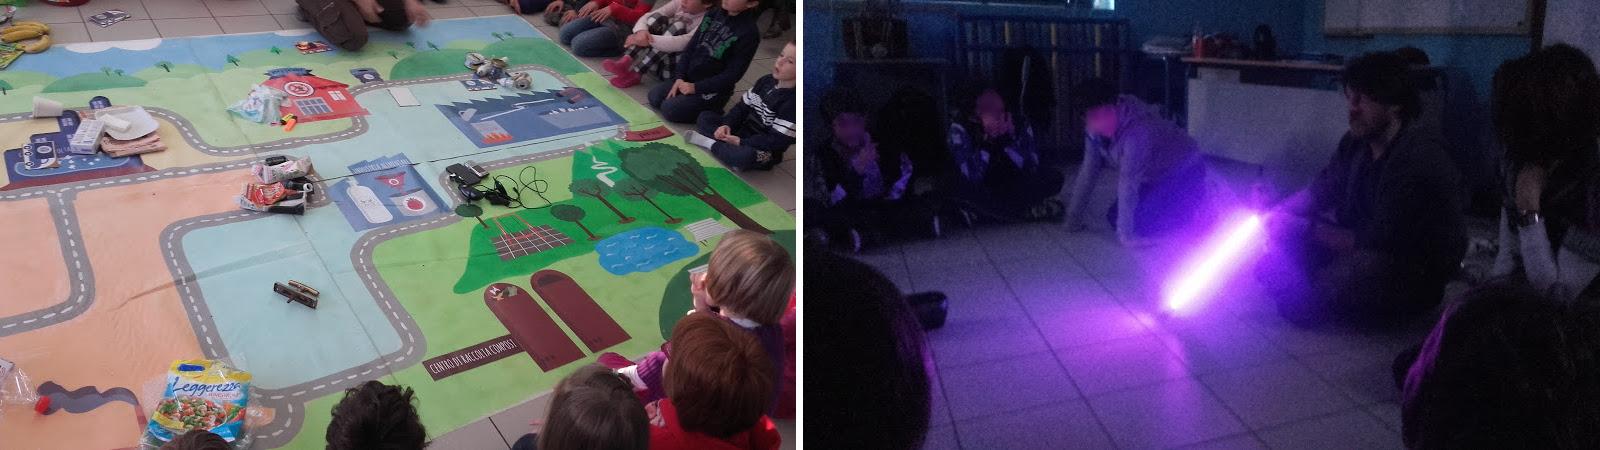 Attività entusiasmanti per i bambini che partecipano al progetto scuole